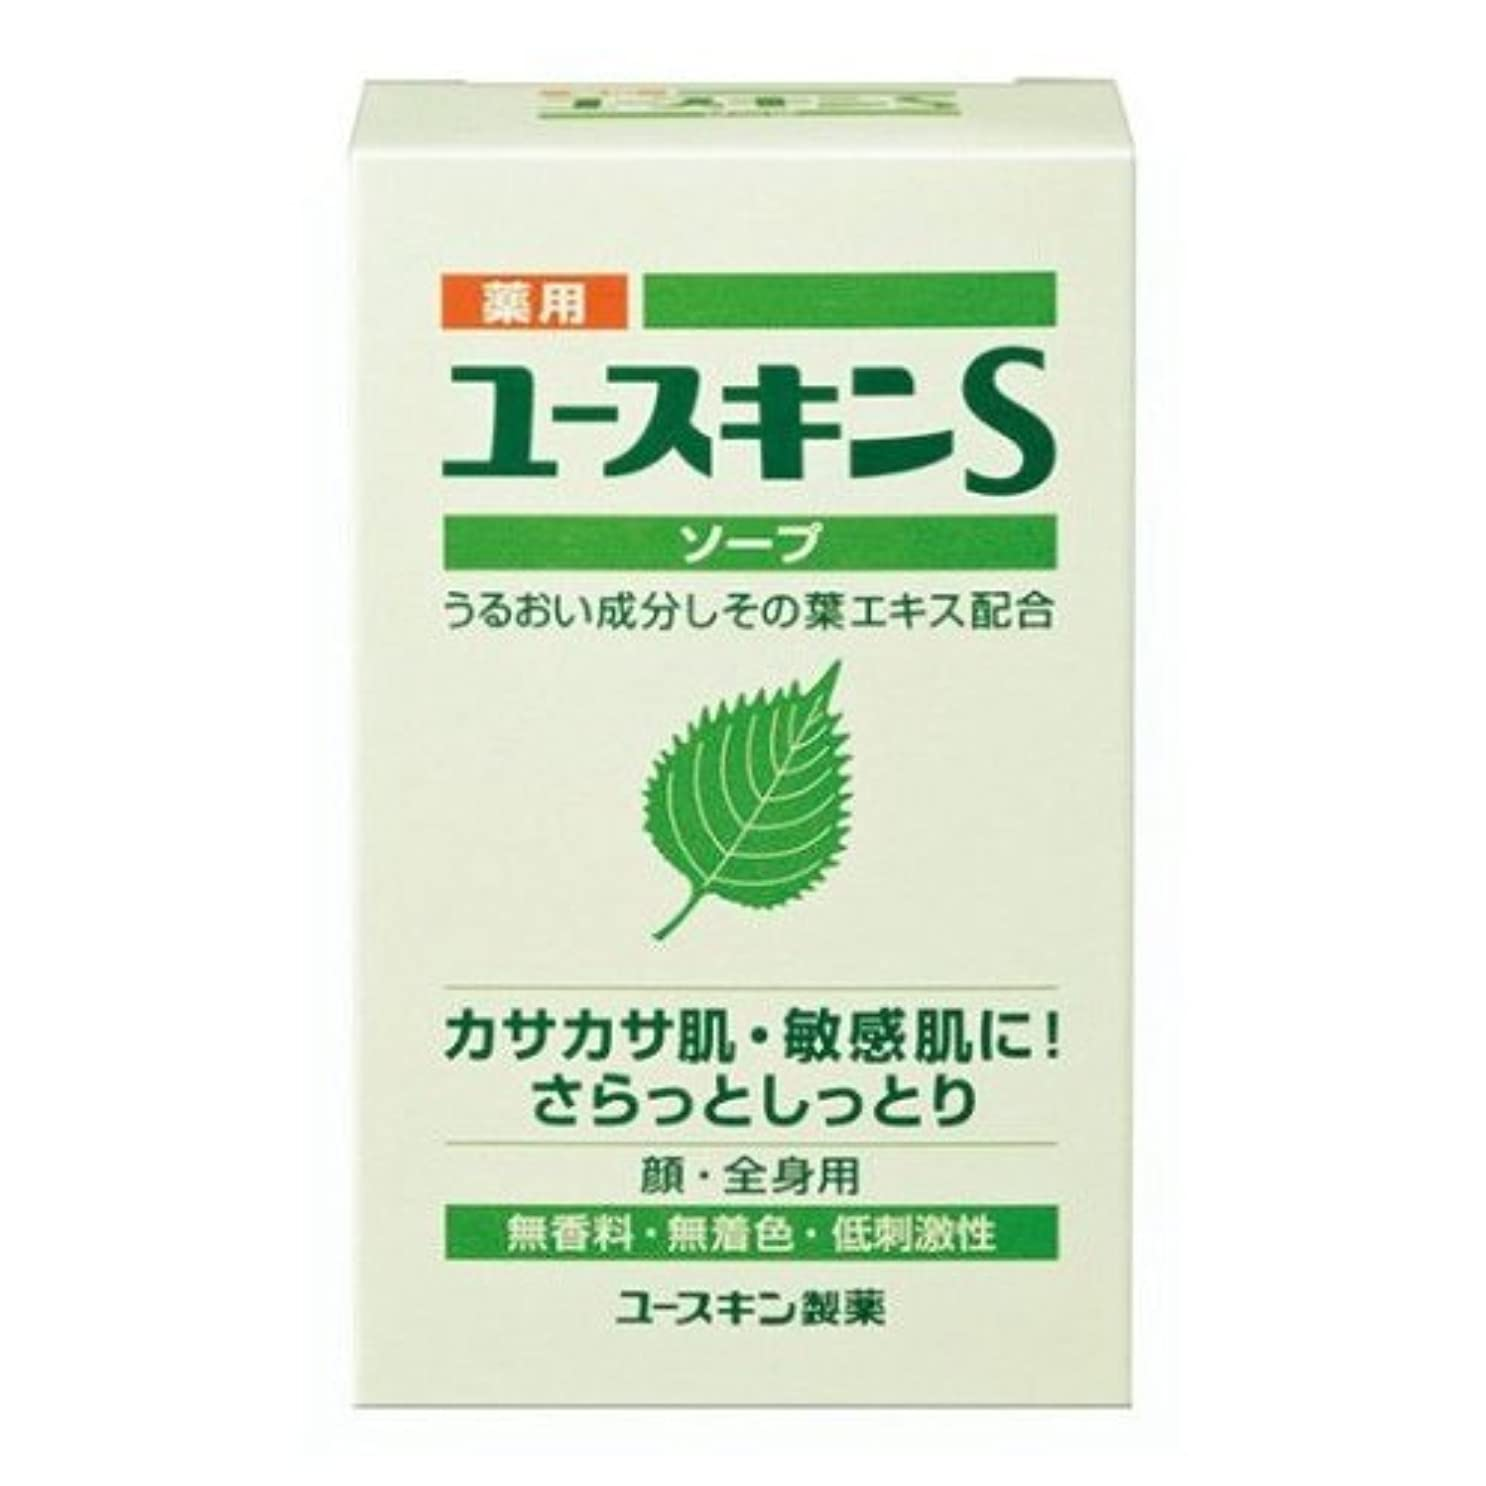 行ダイヤモンドマディソンユースキン製薬 薬用ユースキンSソープ 90g(医薬部外品)